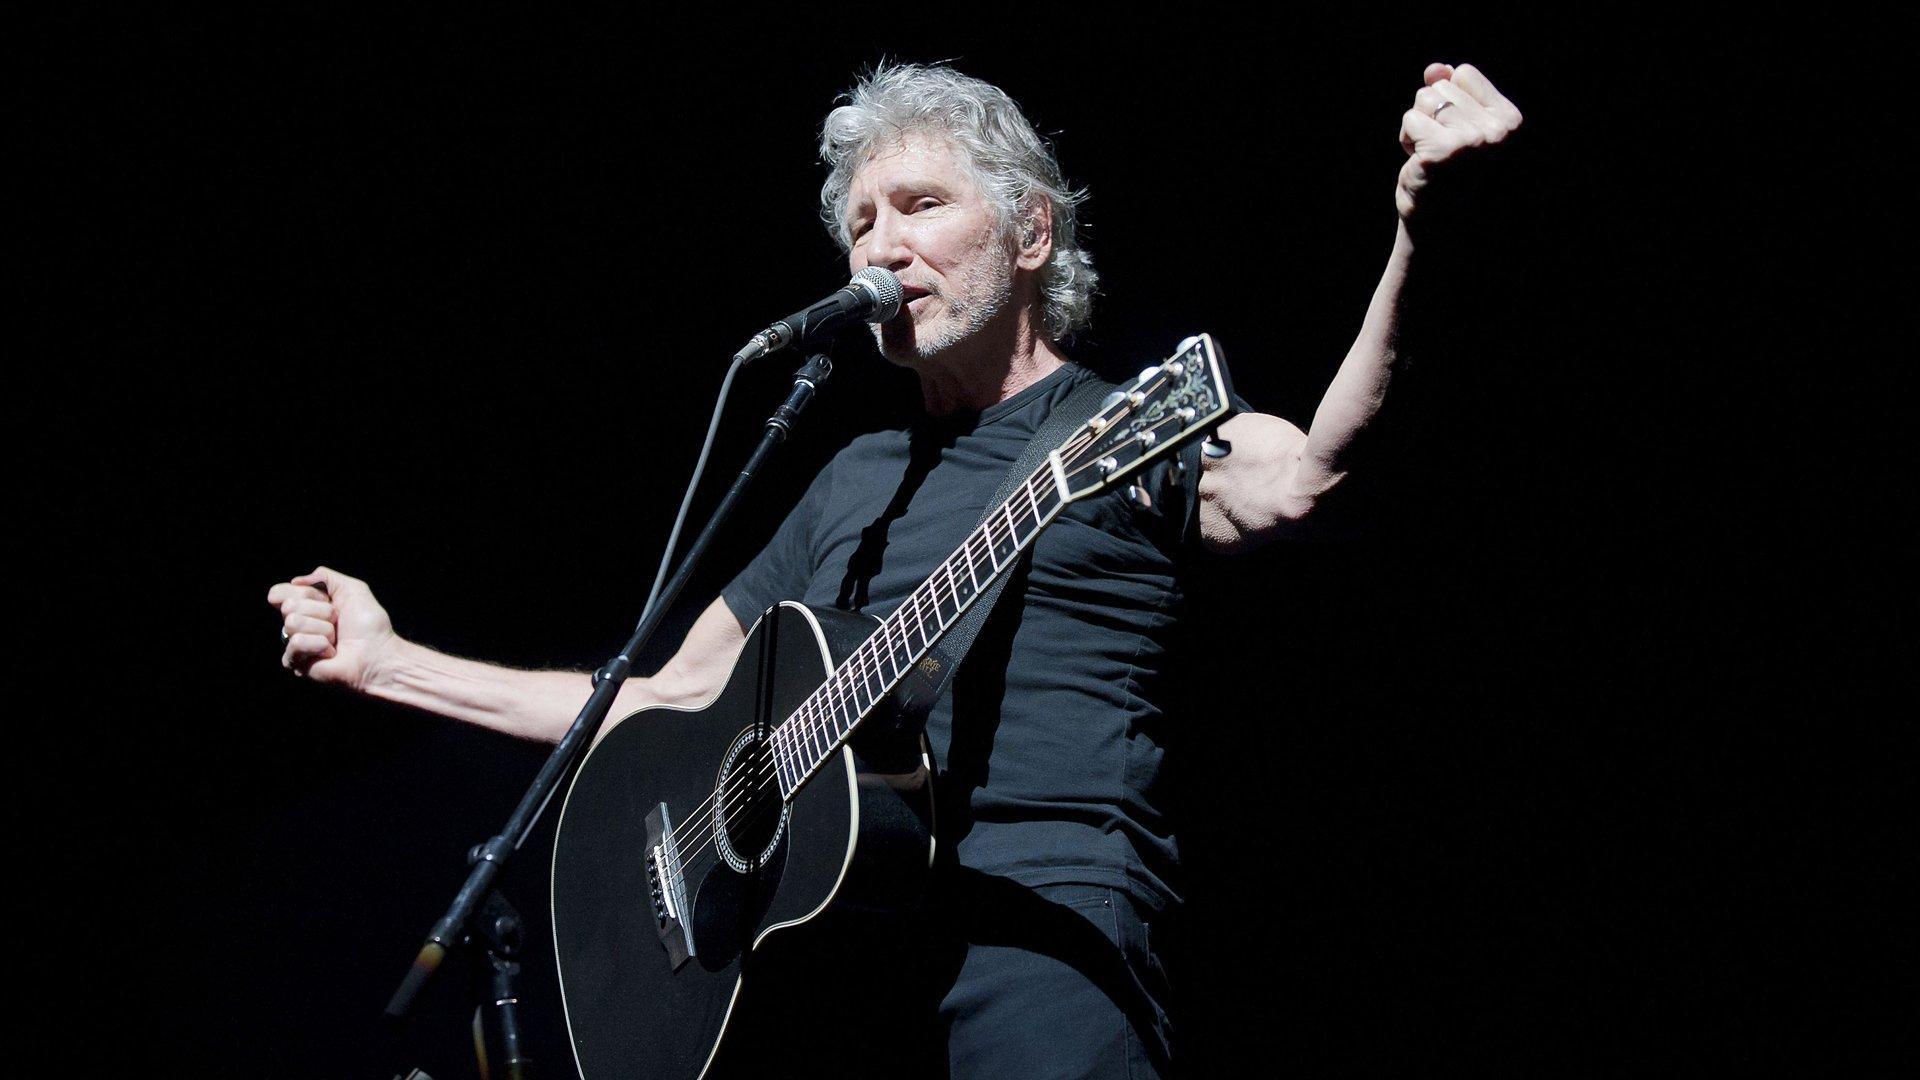 Сооснователь Pink Floyd раскритиковал политику Трампа наконцерте встолице Англии